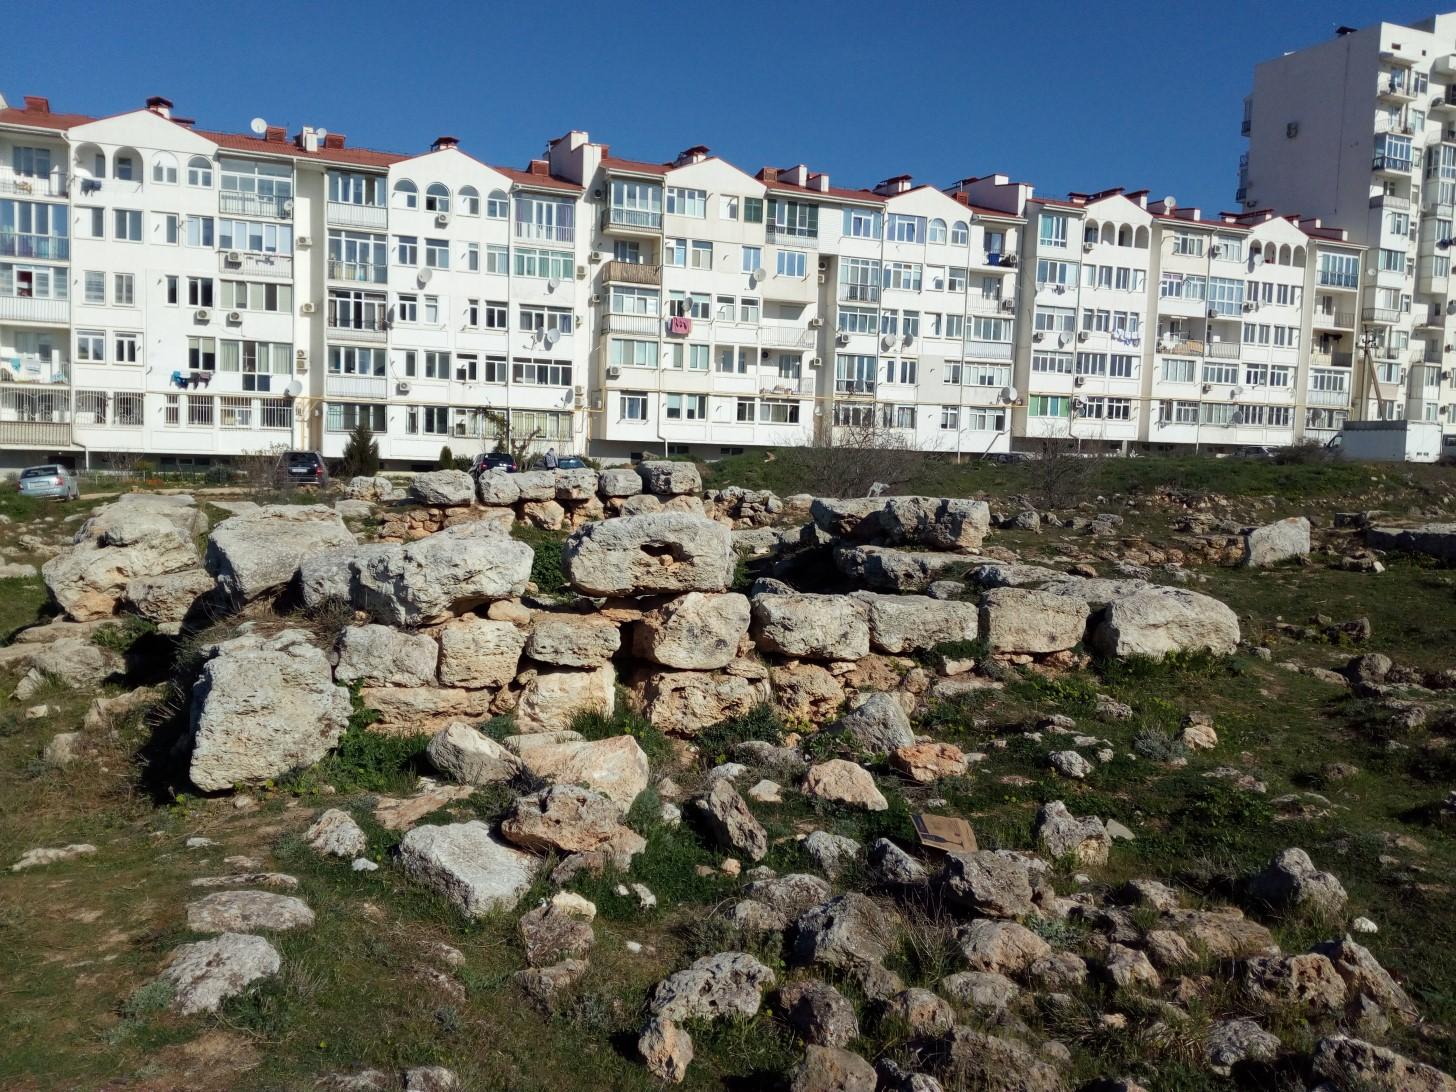 Усадьба и современная застройка Севастополя